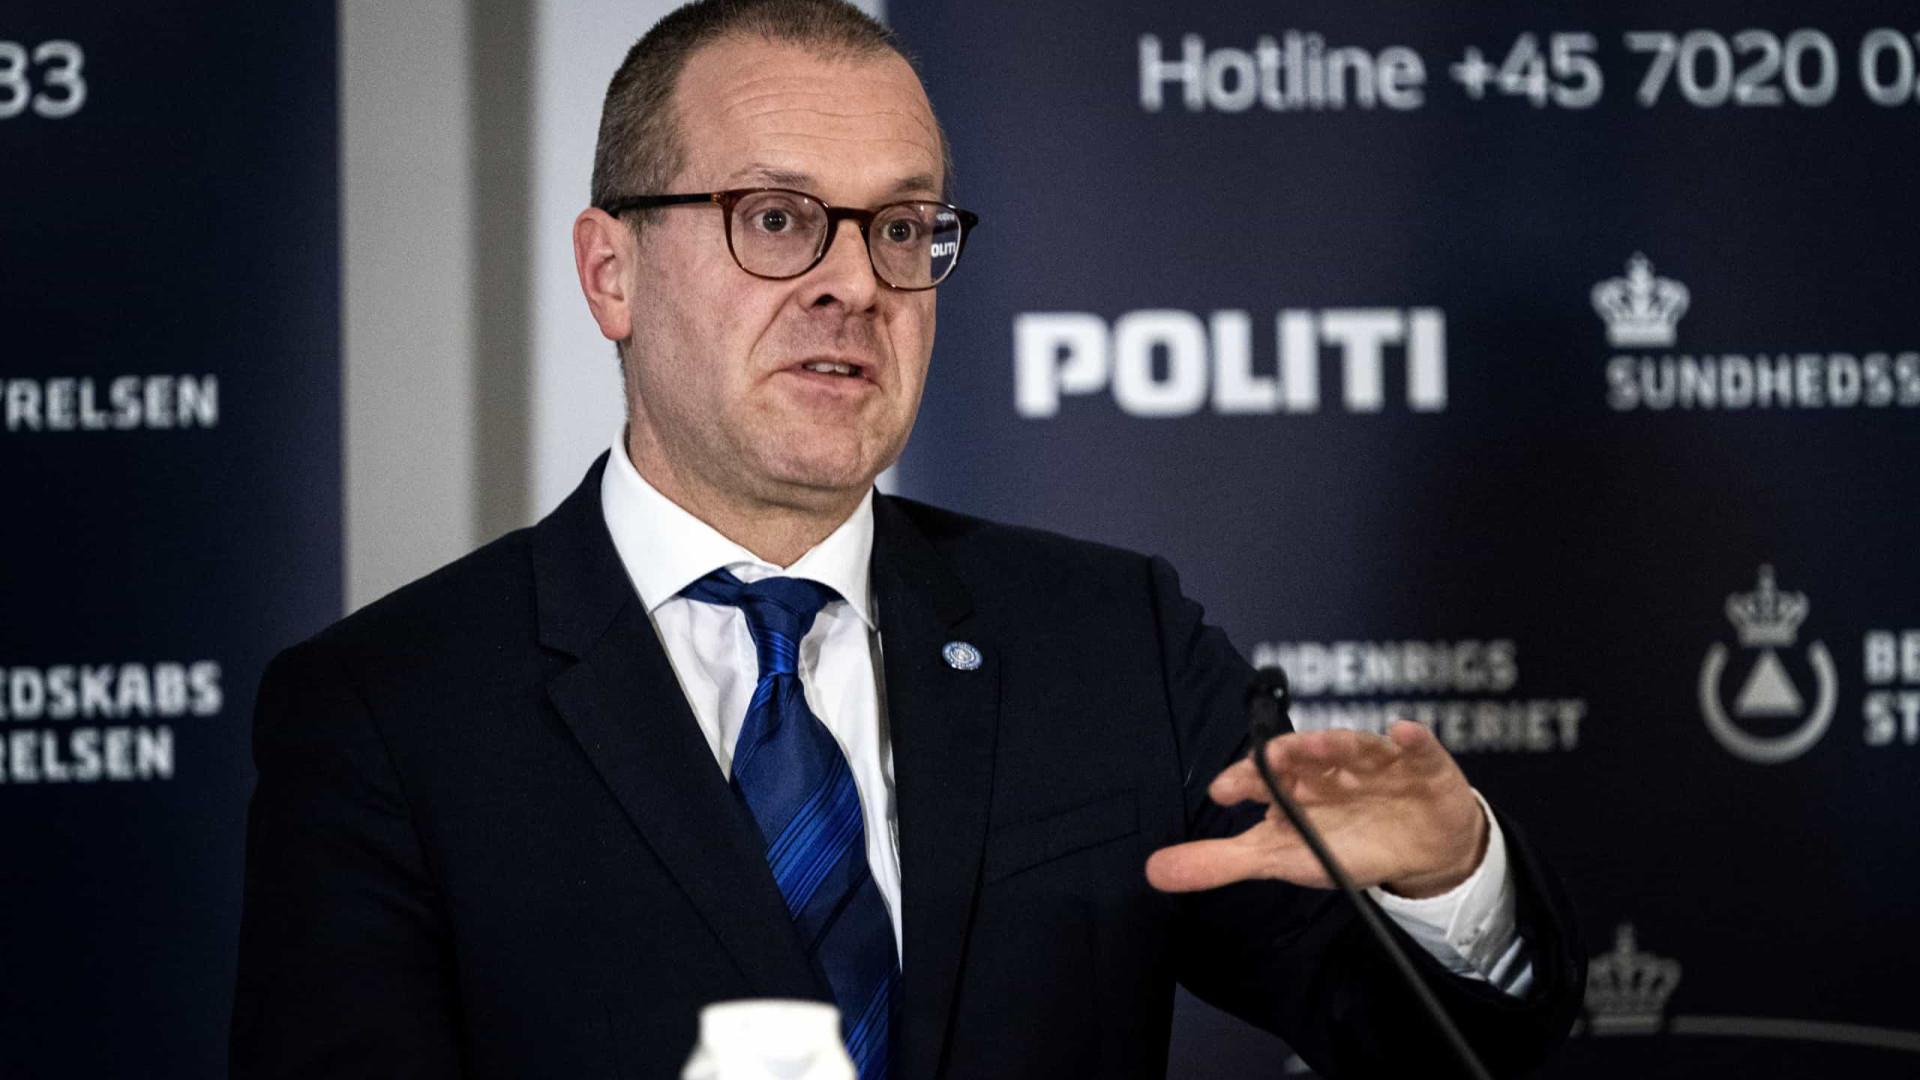 OMS aponta ressurgimento de casos na Europa e aceleração global